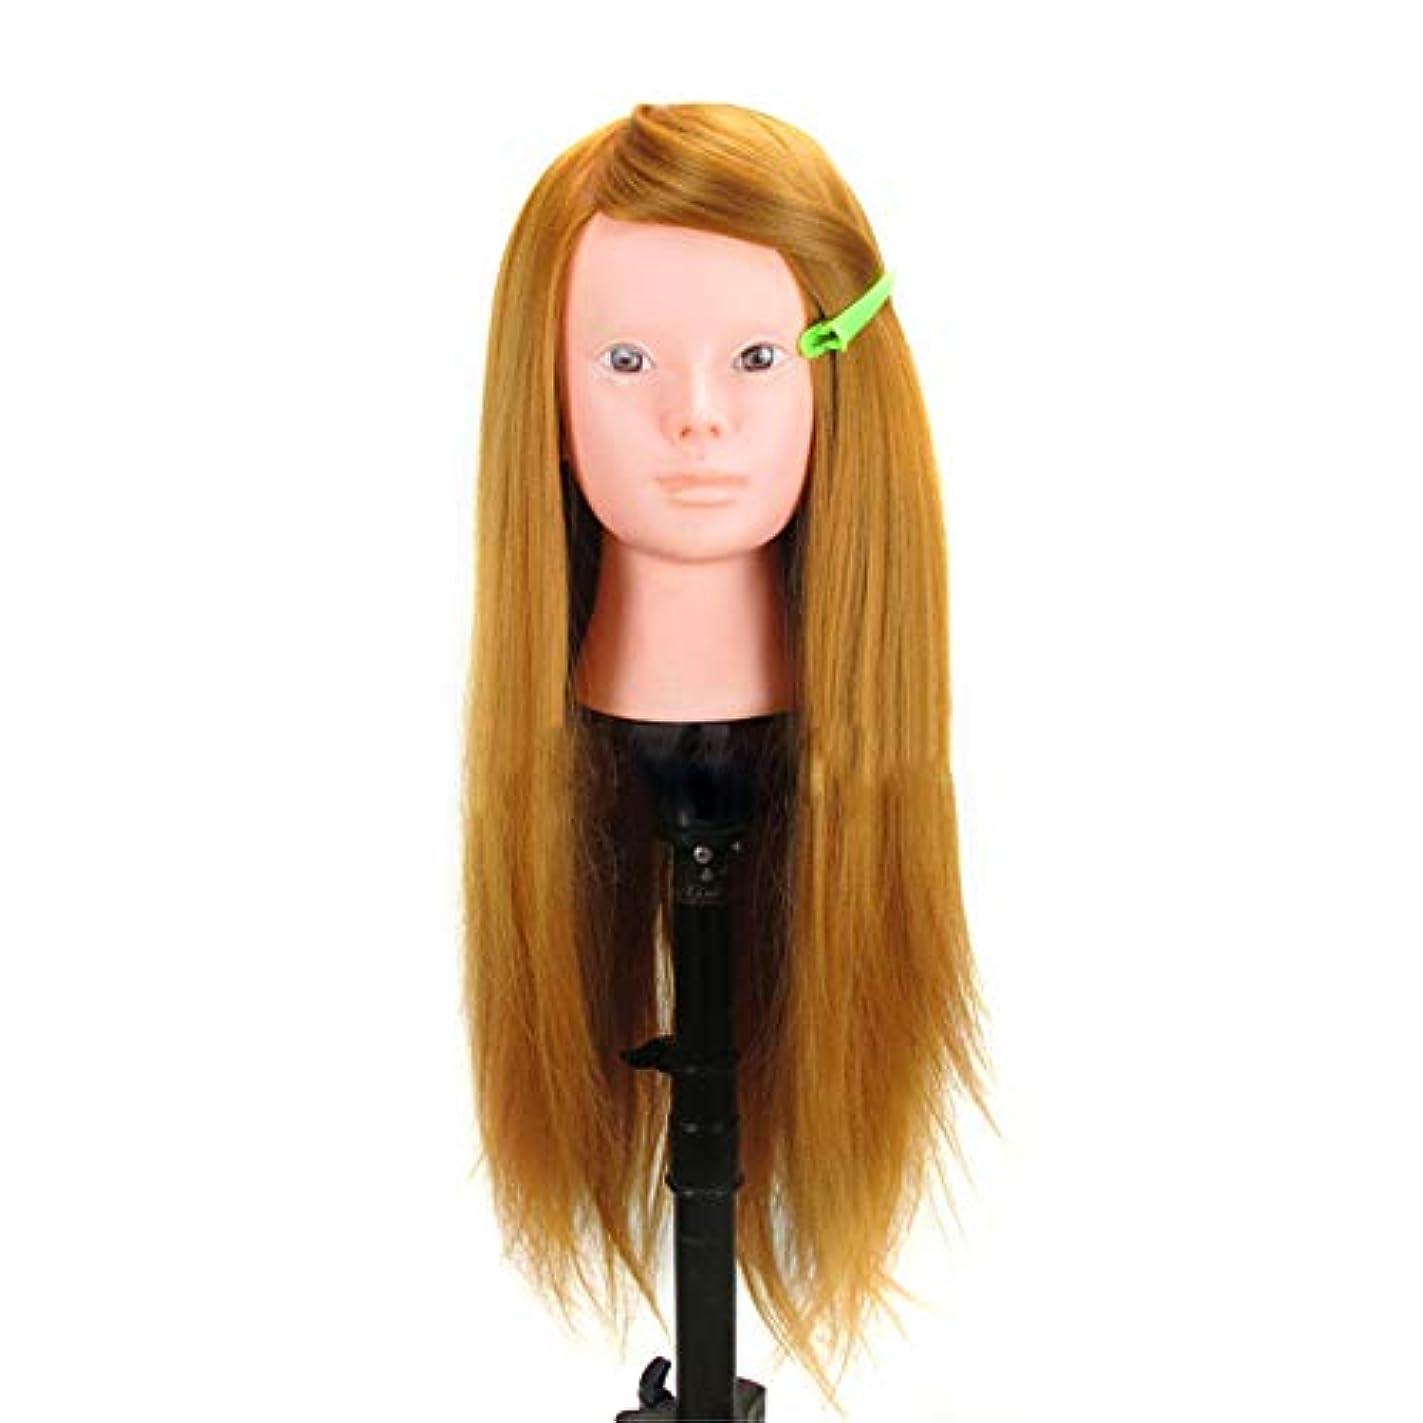 苦情文句ワーカー本土高温ワイヤーヘアティーチングヘッドパーマ髪織りヘアモデル髪染め理髪ダミーヘッドモデル